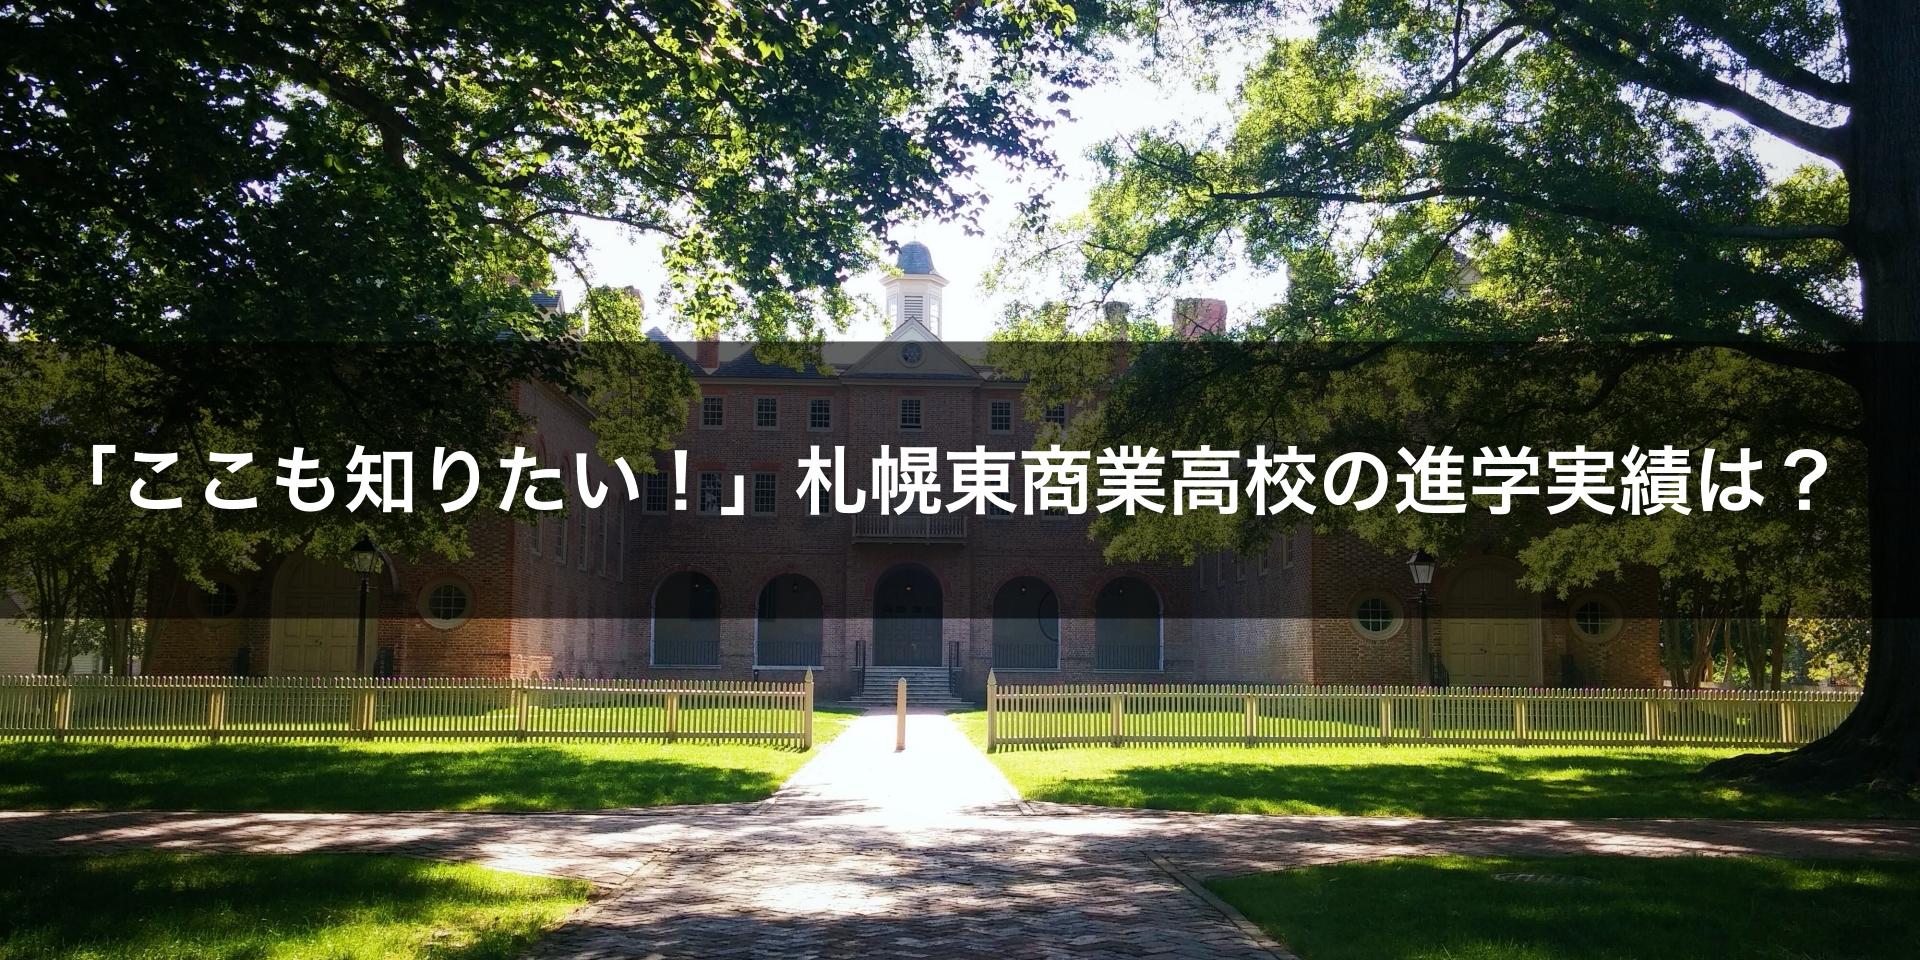 札幌東商業高校の進学実績は?